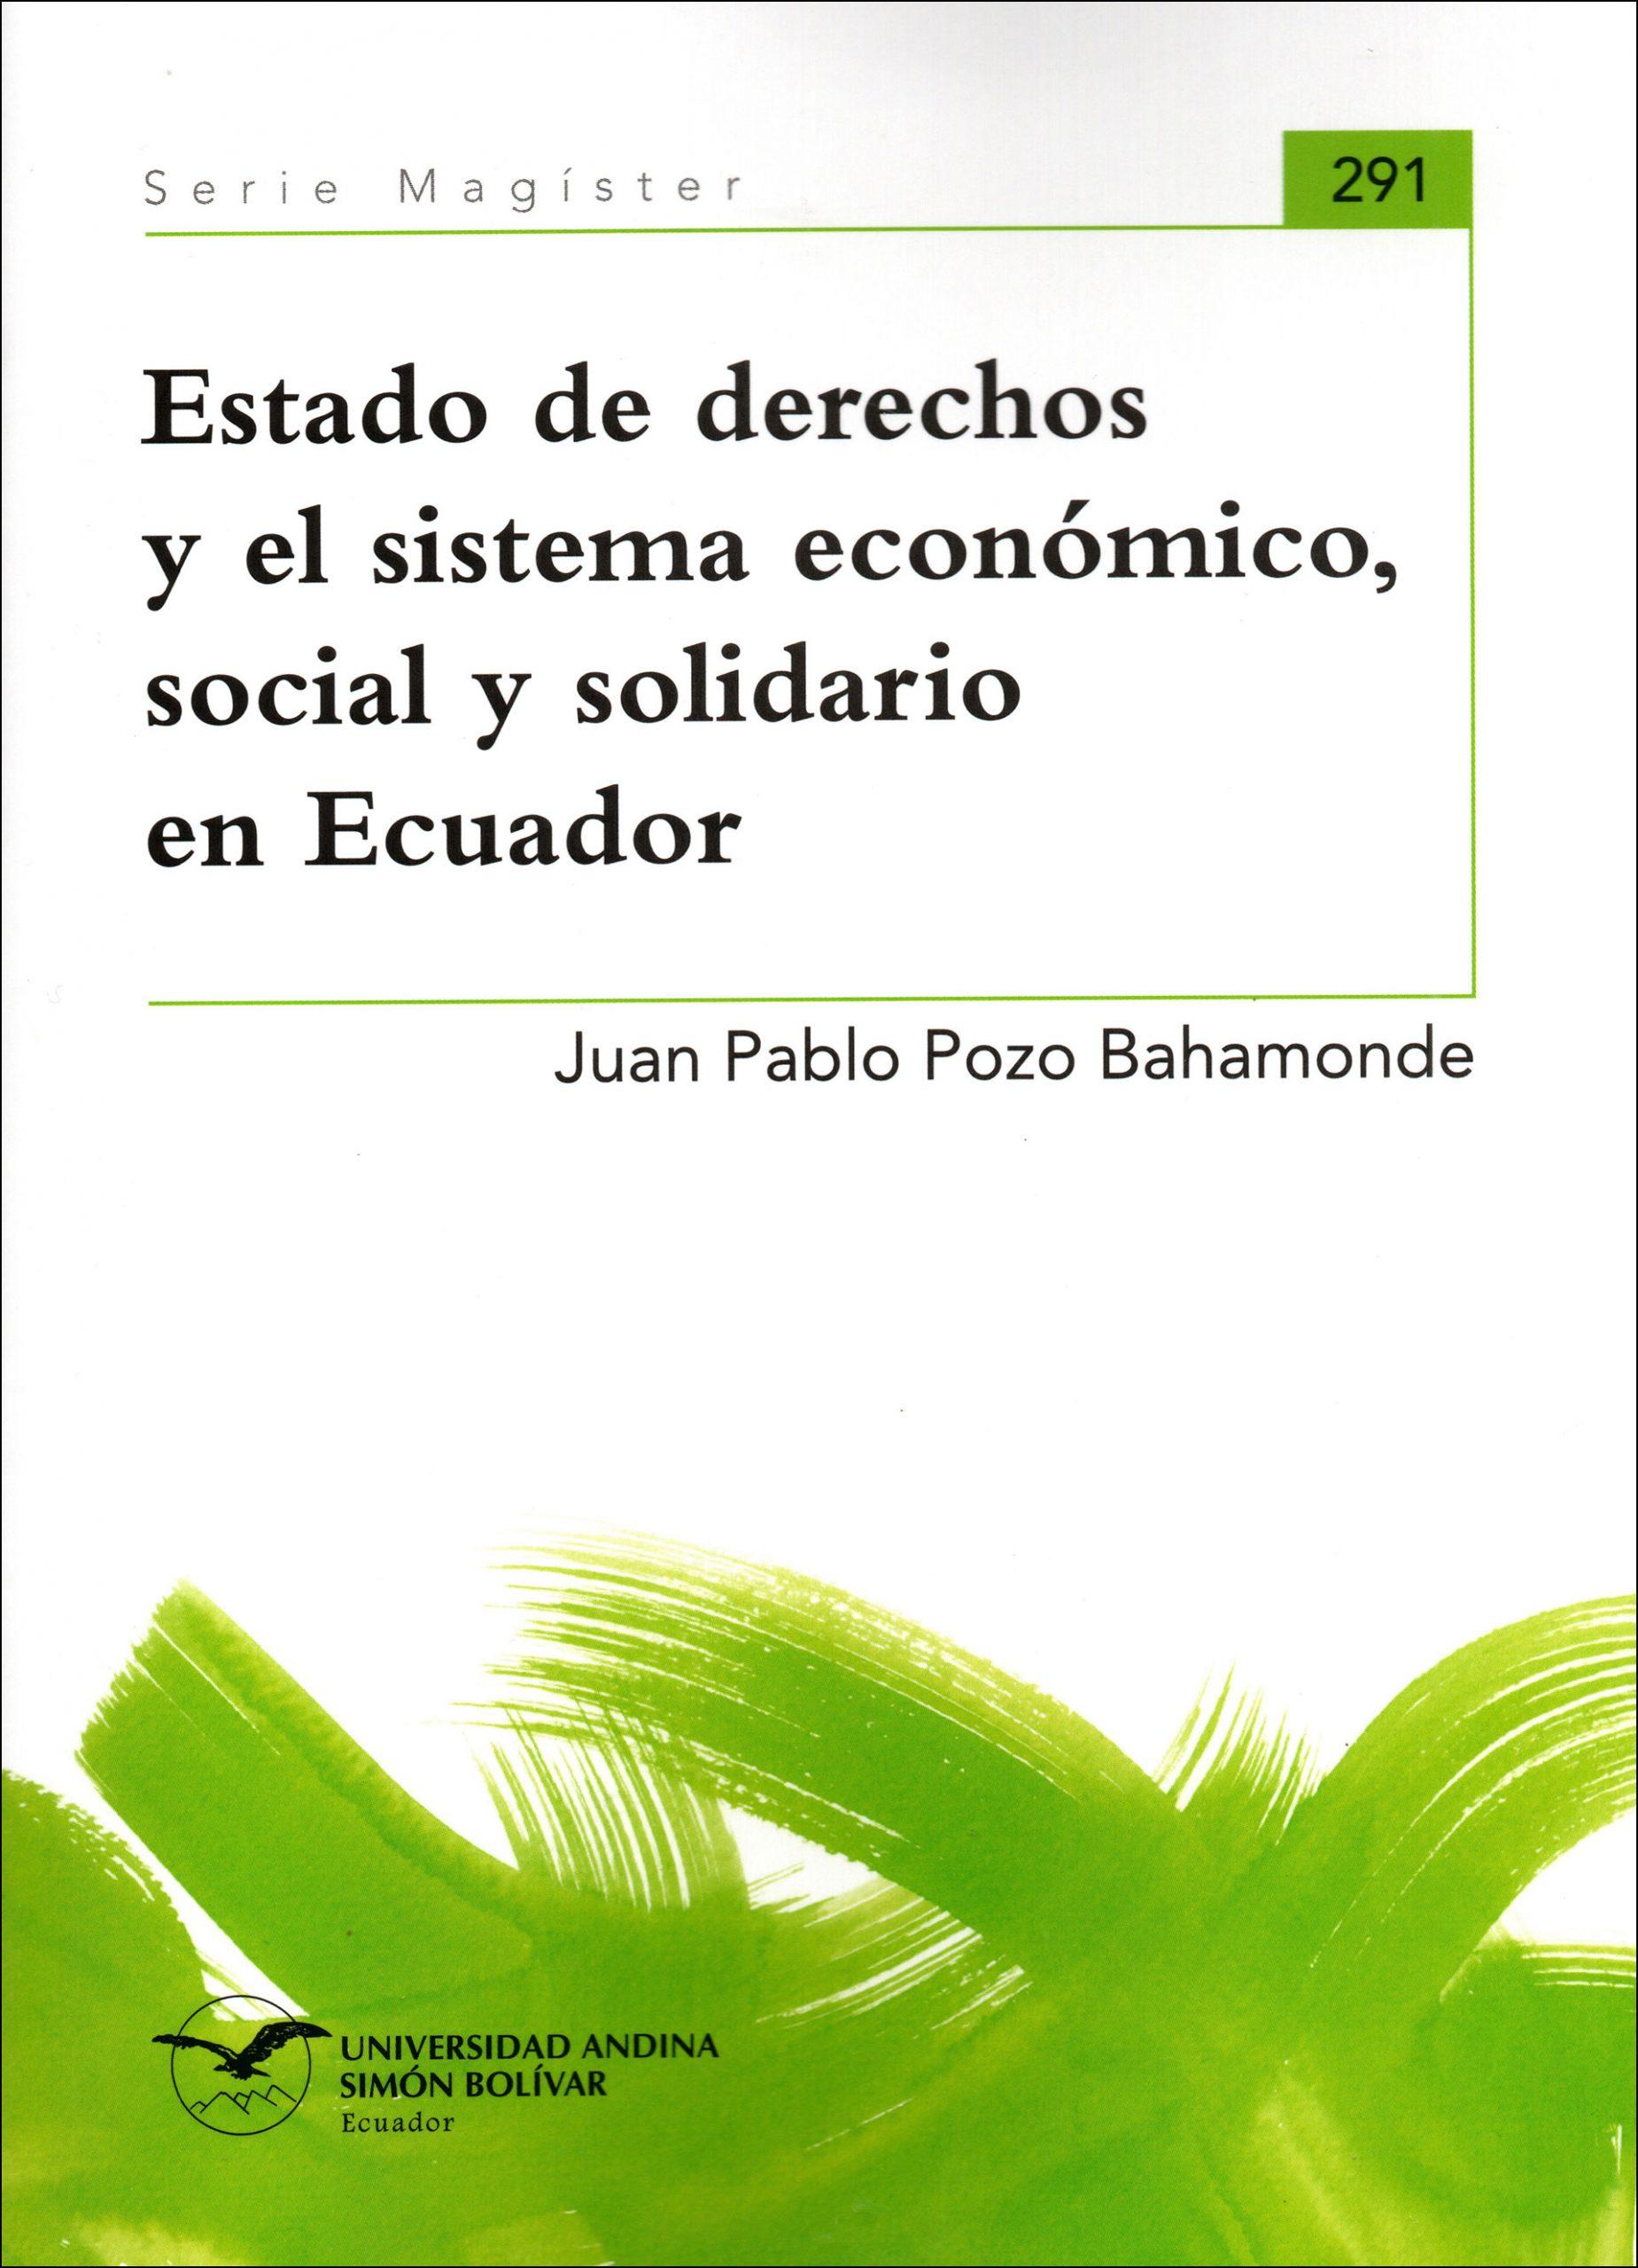 Estado de derechos y el sistema económico, social y solidario en Ecuador